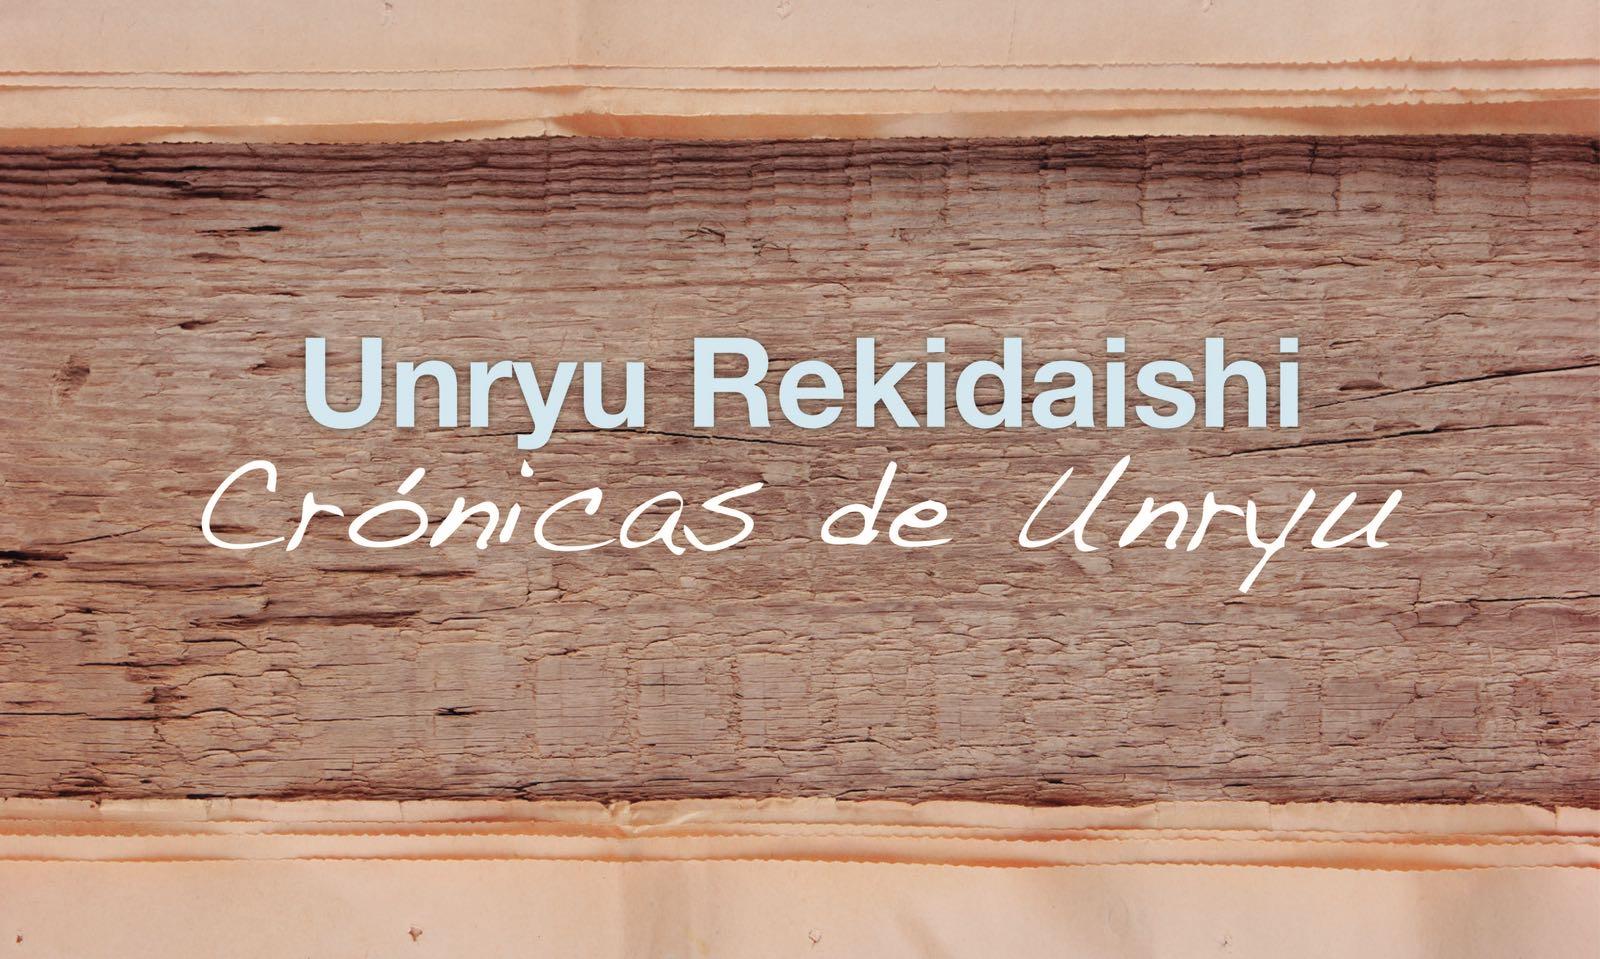 Unryu Rekidaishi